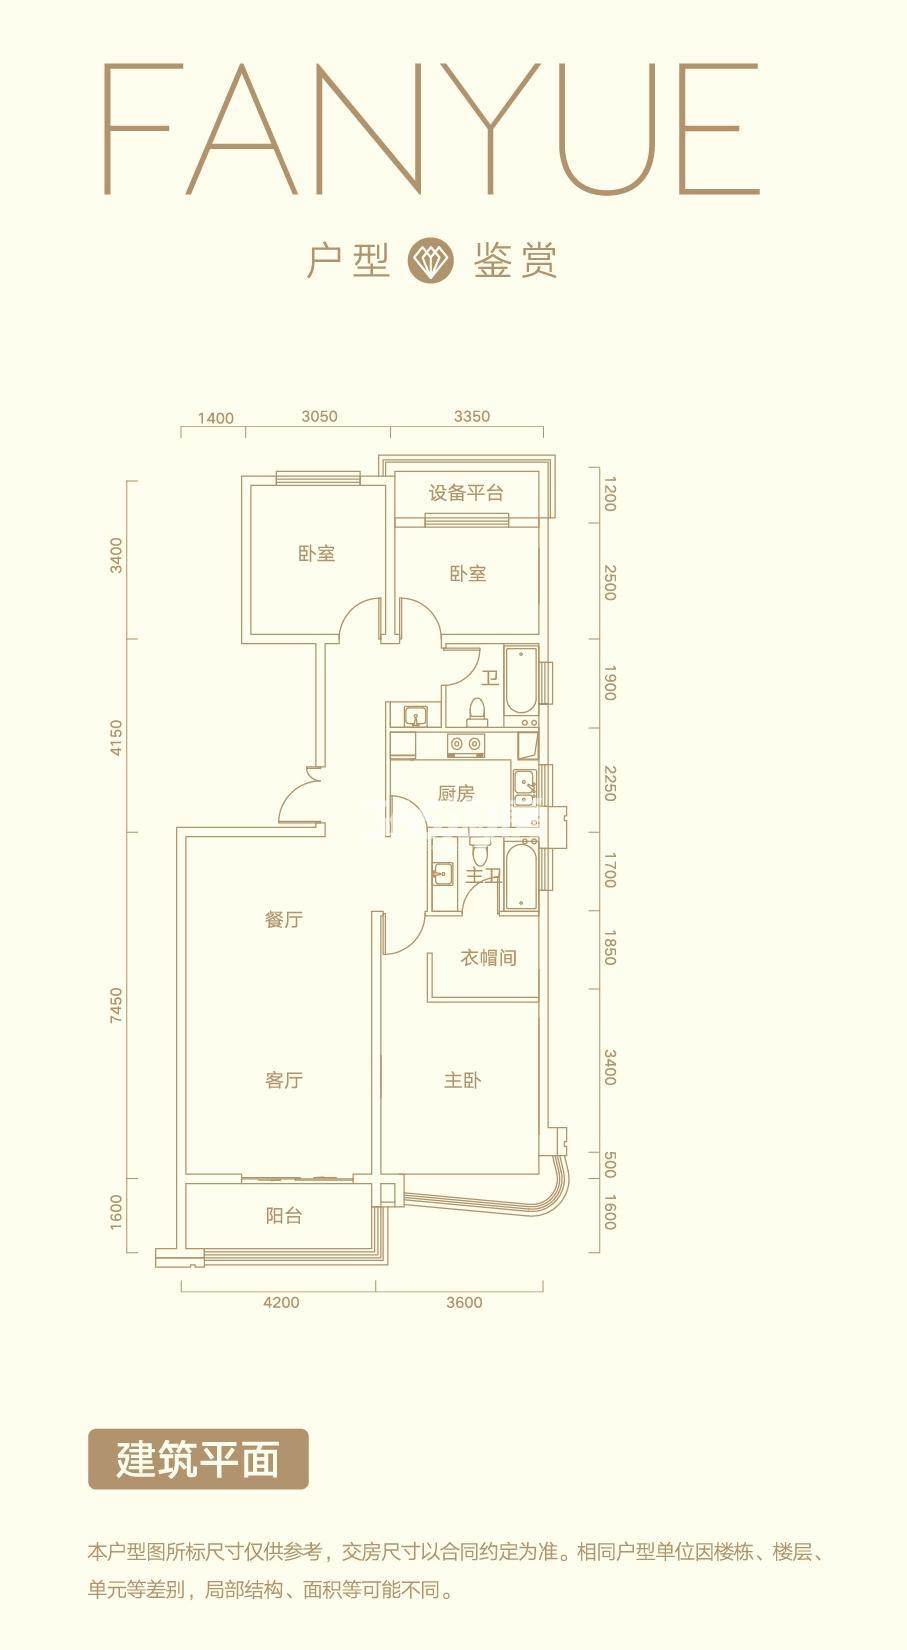 半岛公馆梵悦133㎡户型图